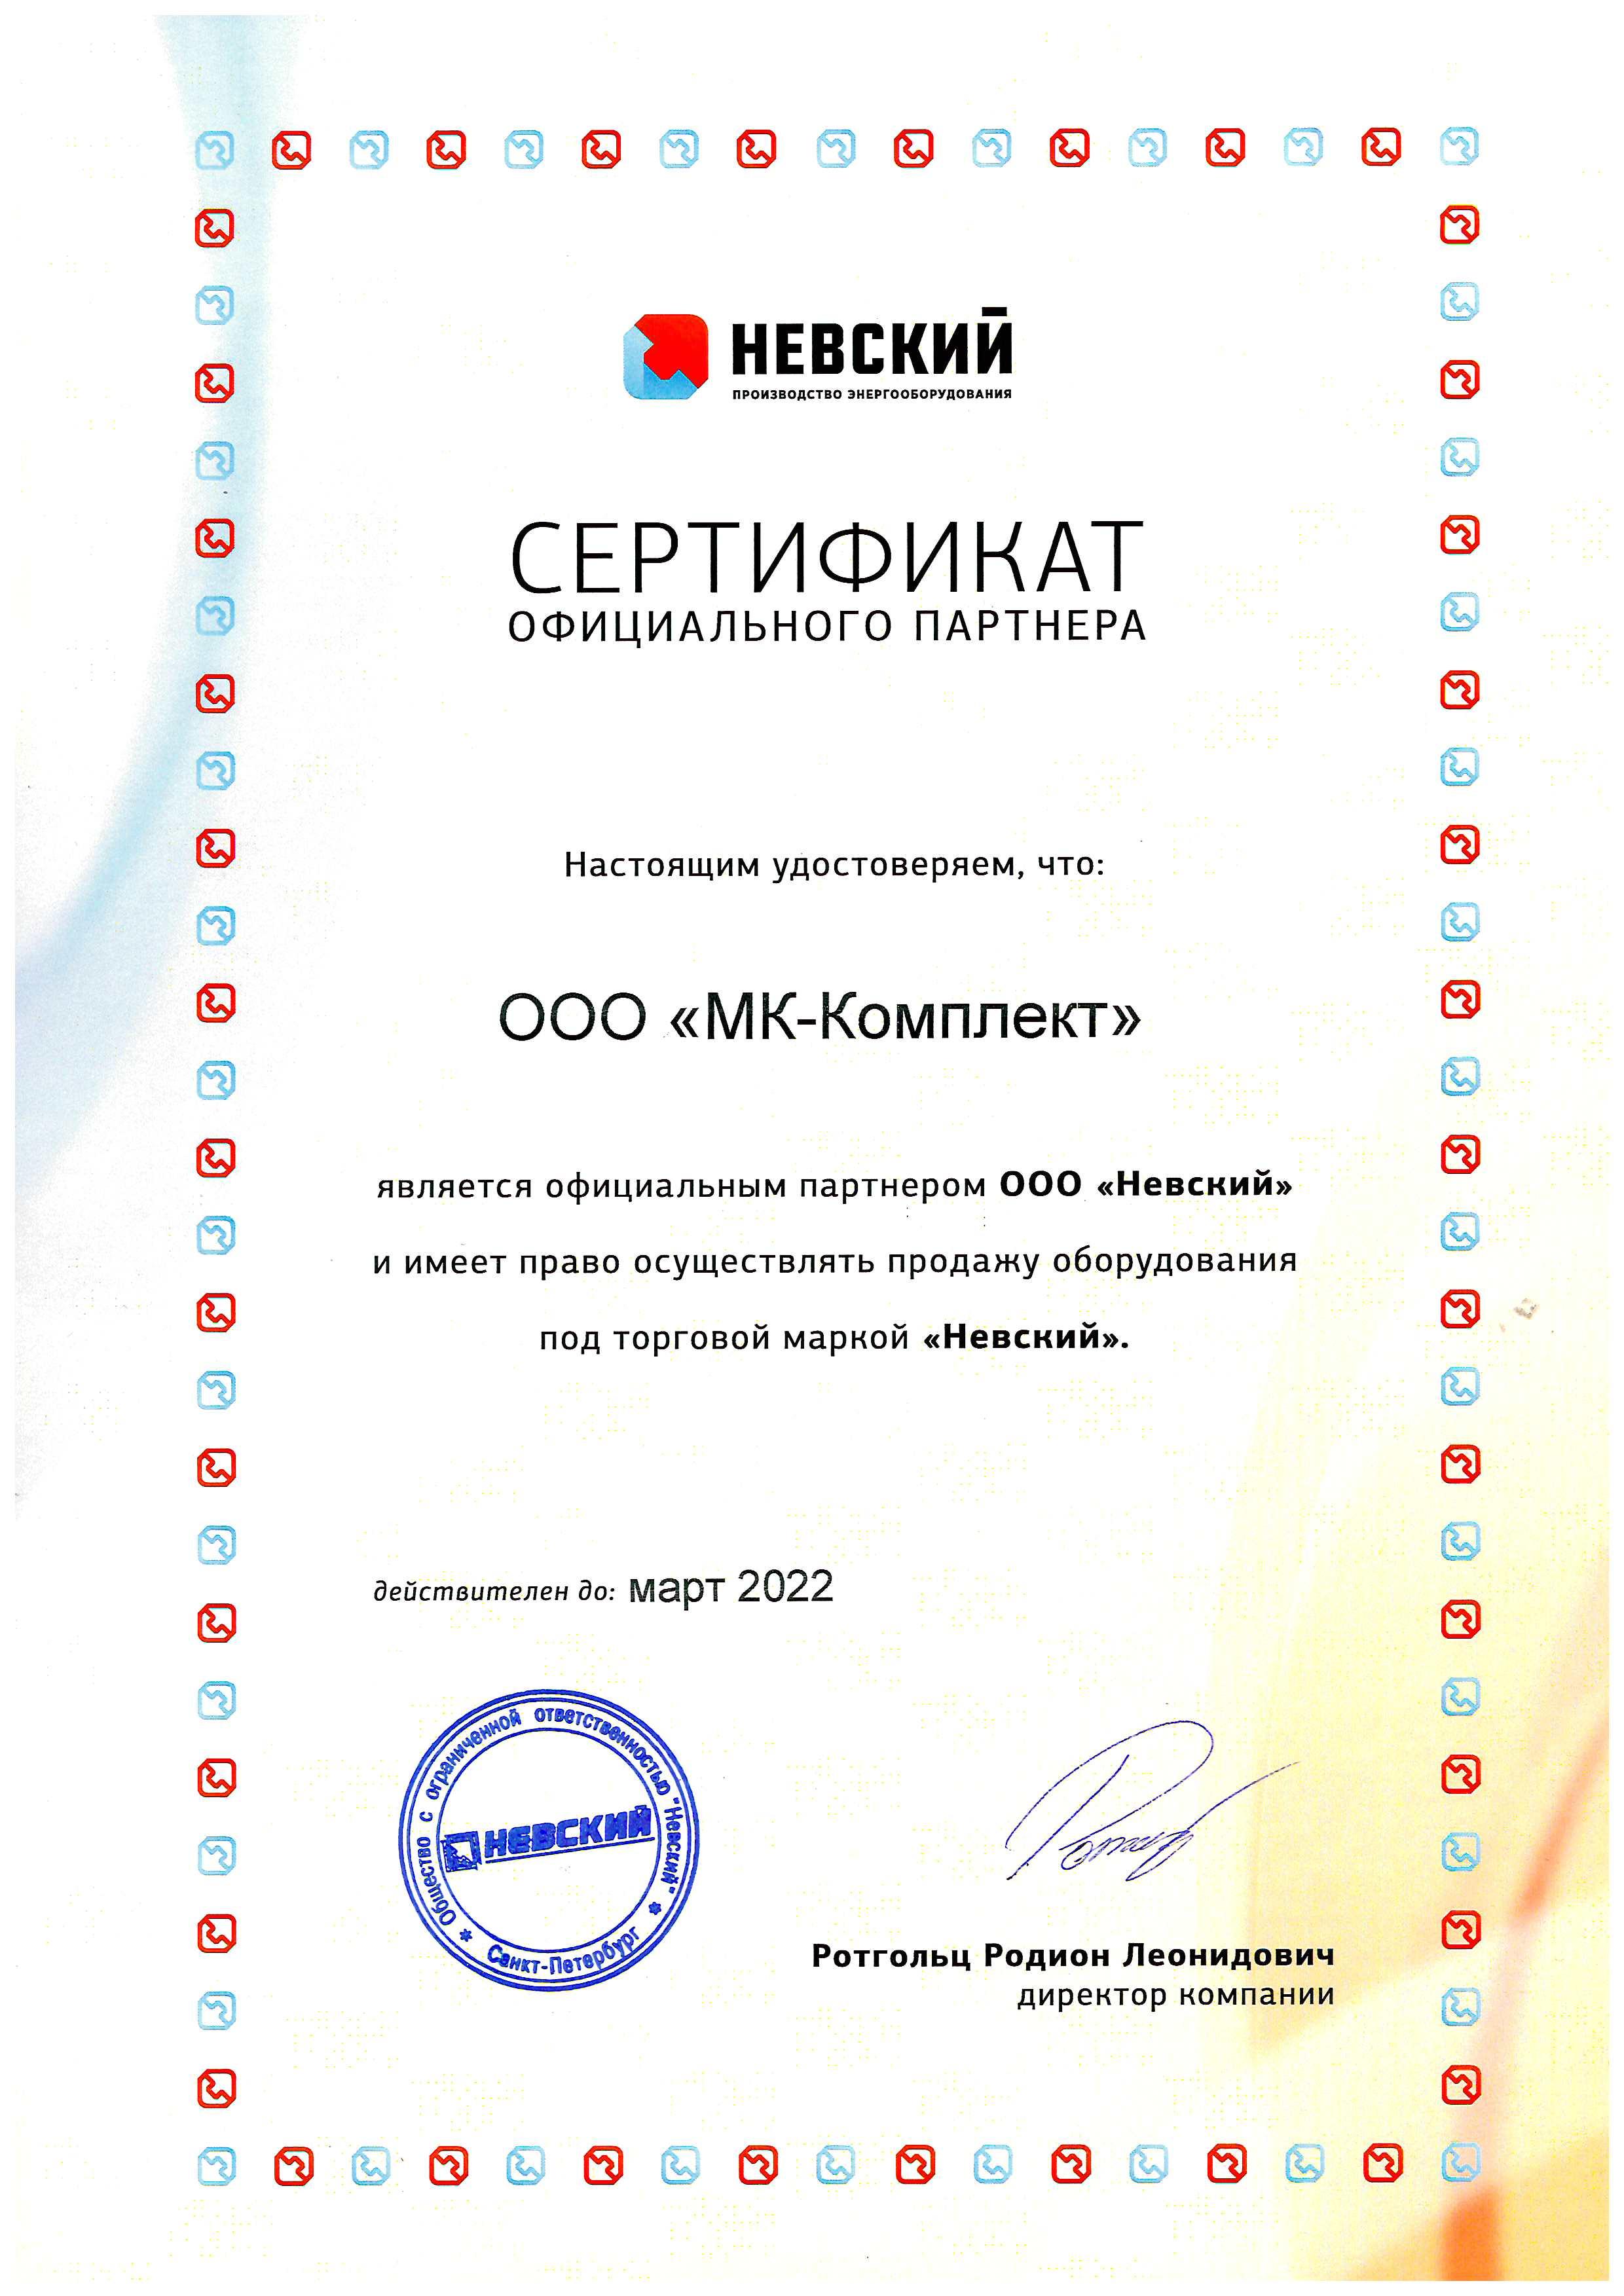 Сертификат официального дилера Невский